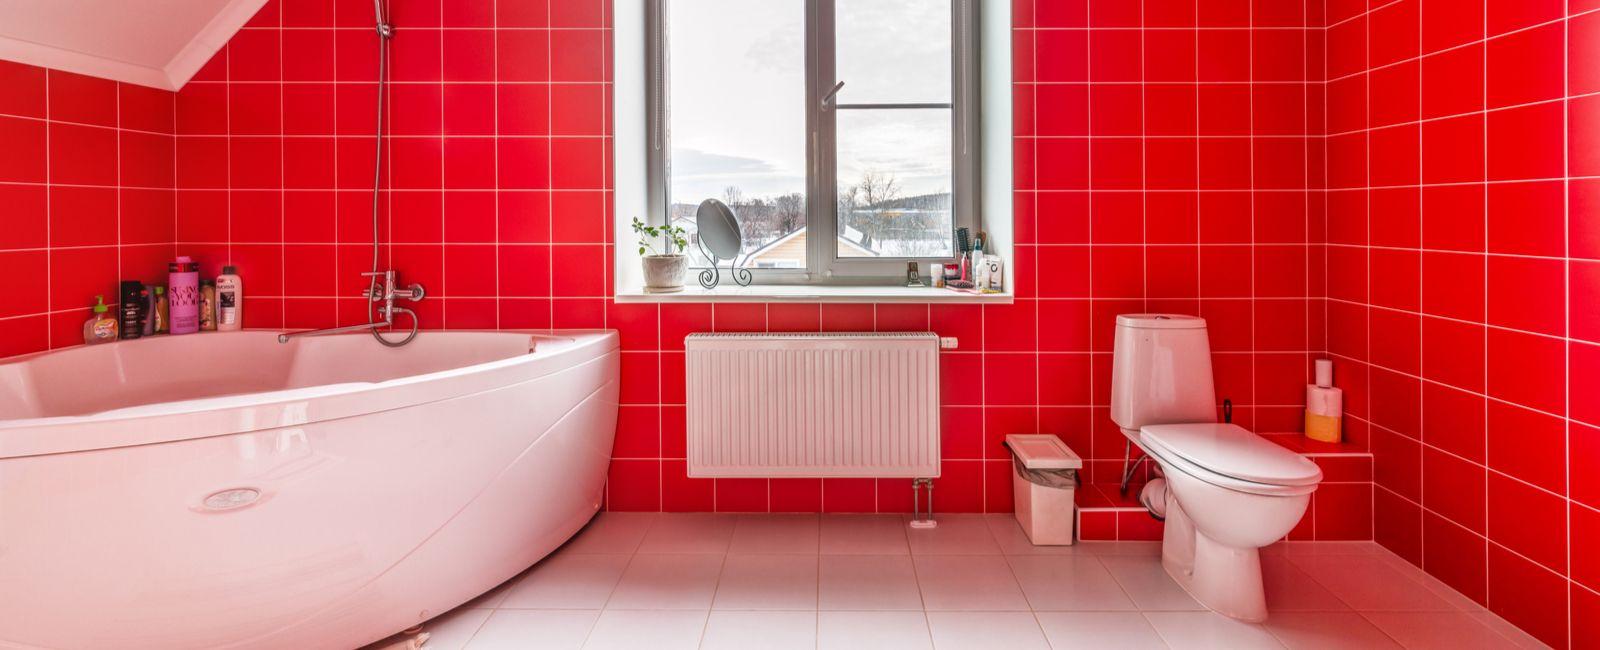 Quelle Peinture Pour Carrelage quelle peinture choisir pour de la faïence de salle de bains?